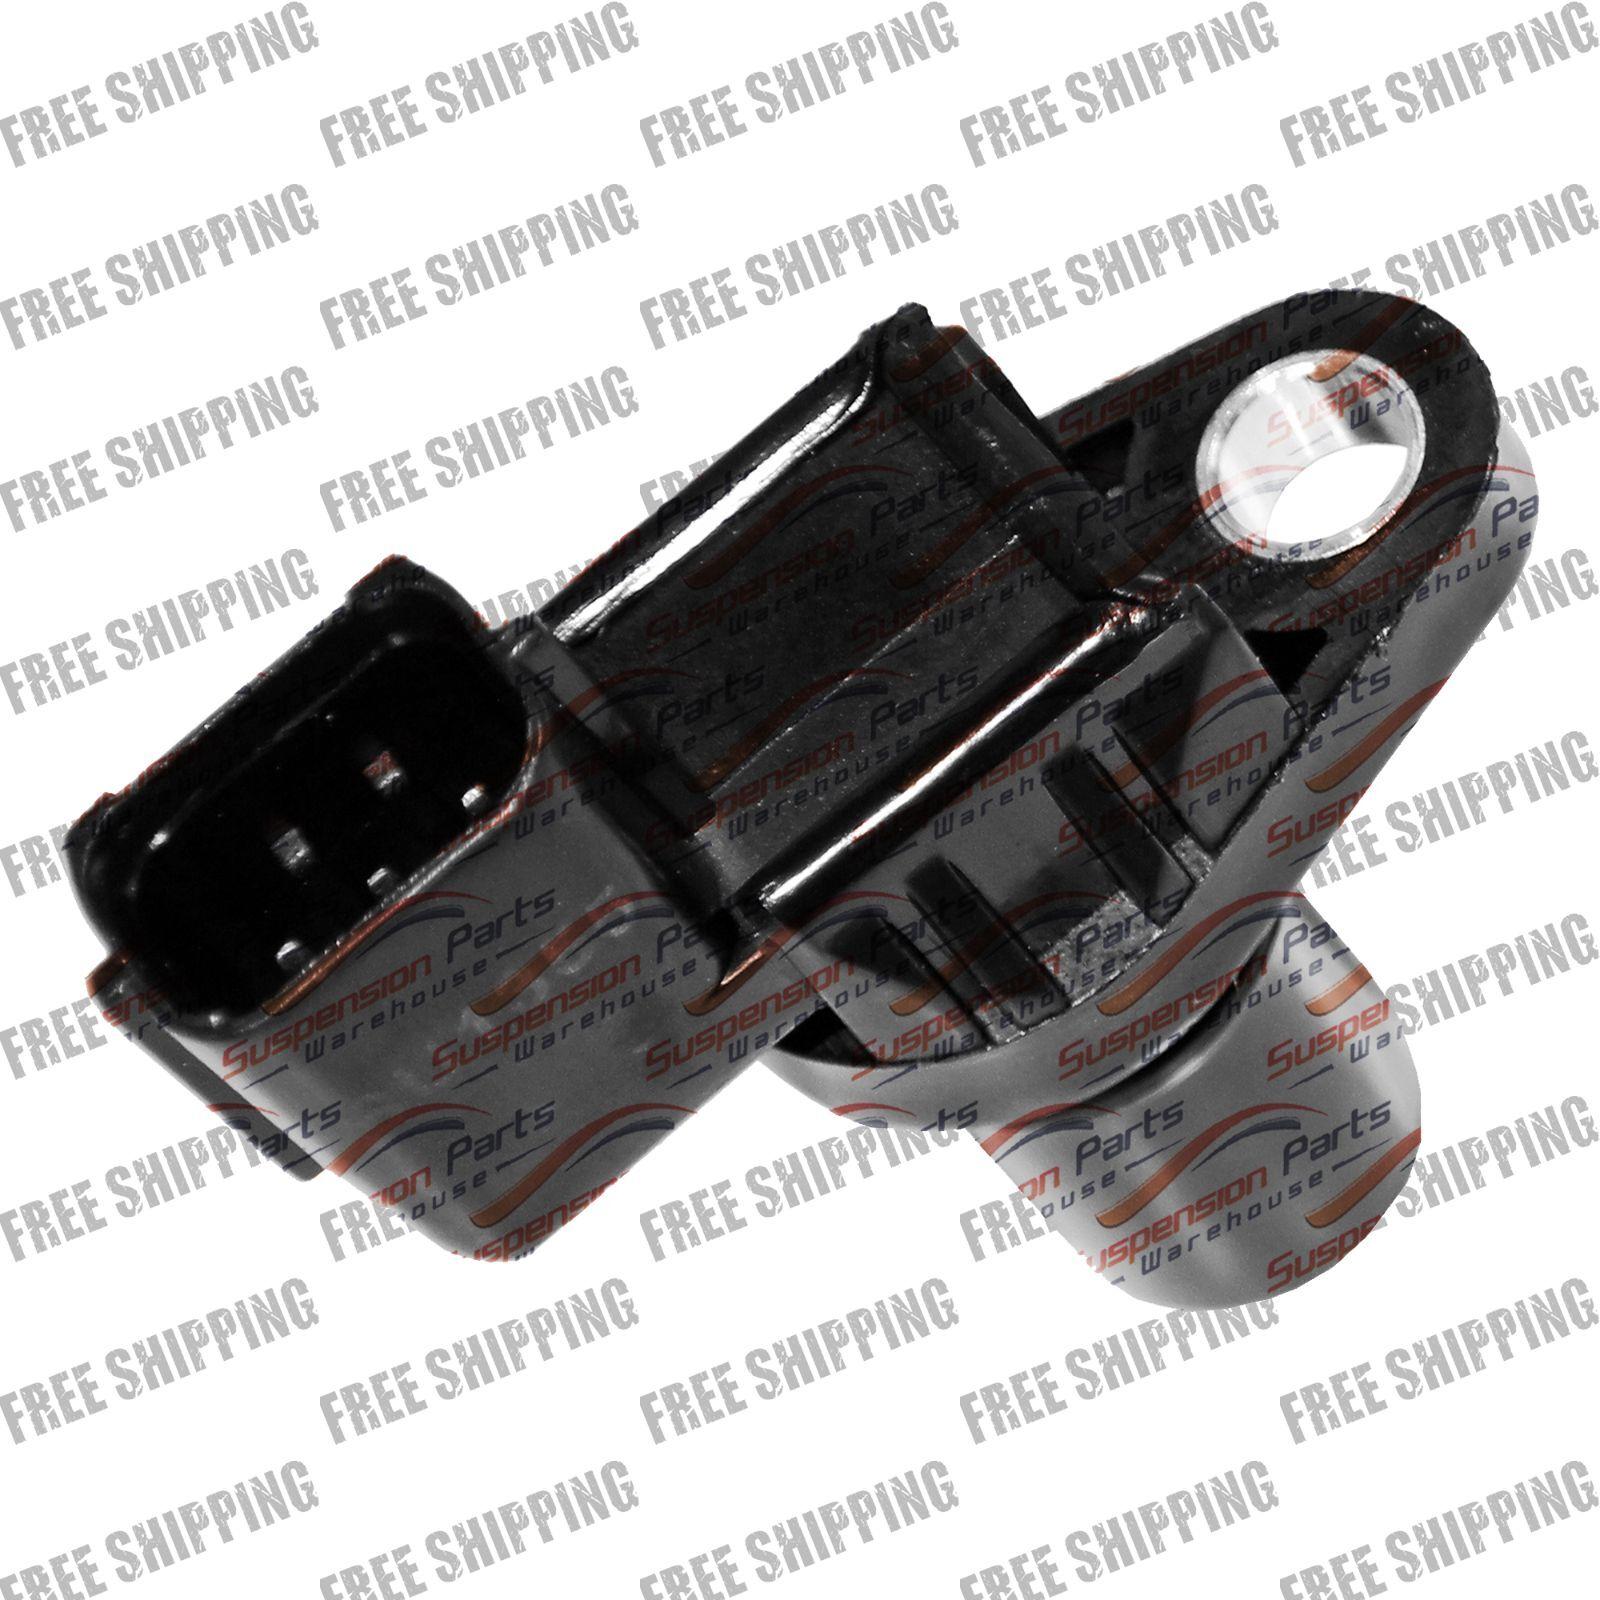 2001 Chevrolet Tracker Camshaft: PC226 Engine Camshaft Position Sensor For 98-01 Chevrolet